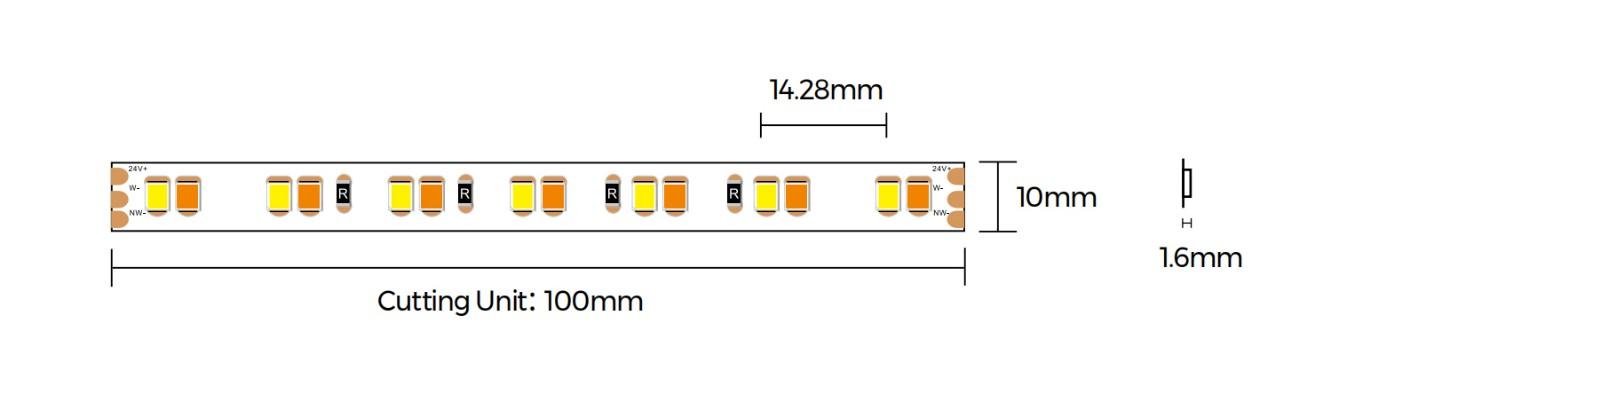 D8140SWW-24V-10mm